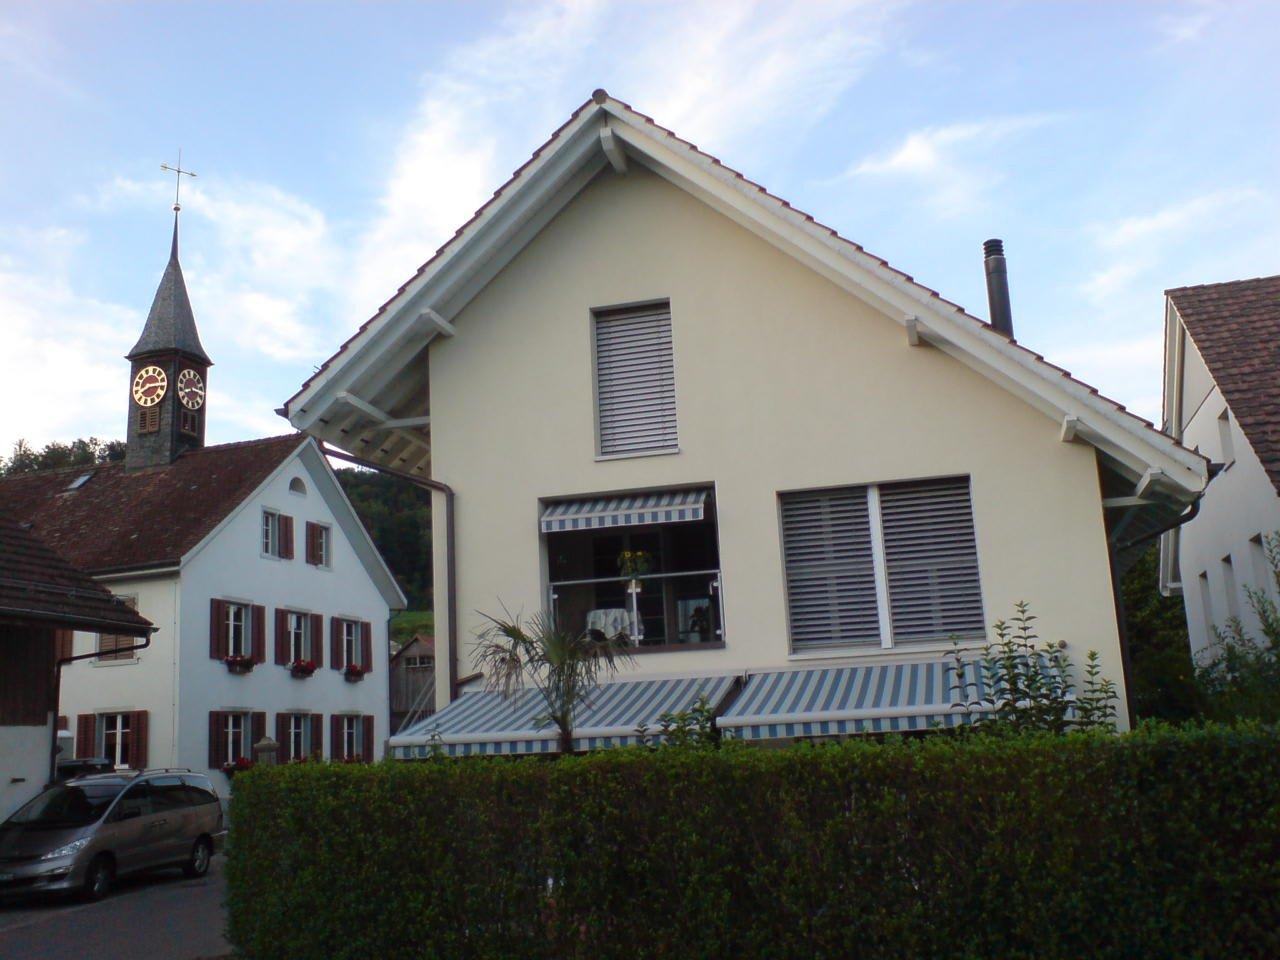 Püntenhofstrasse 7